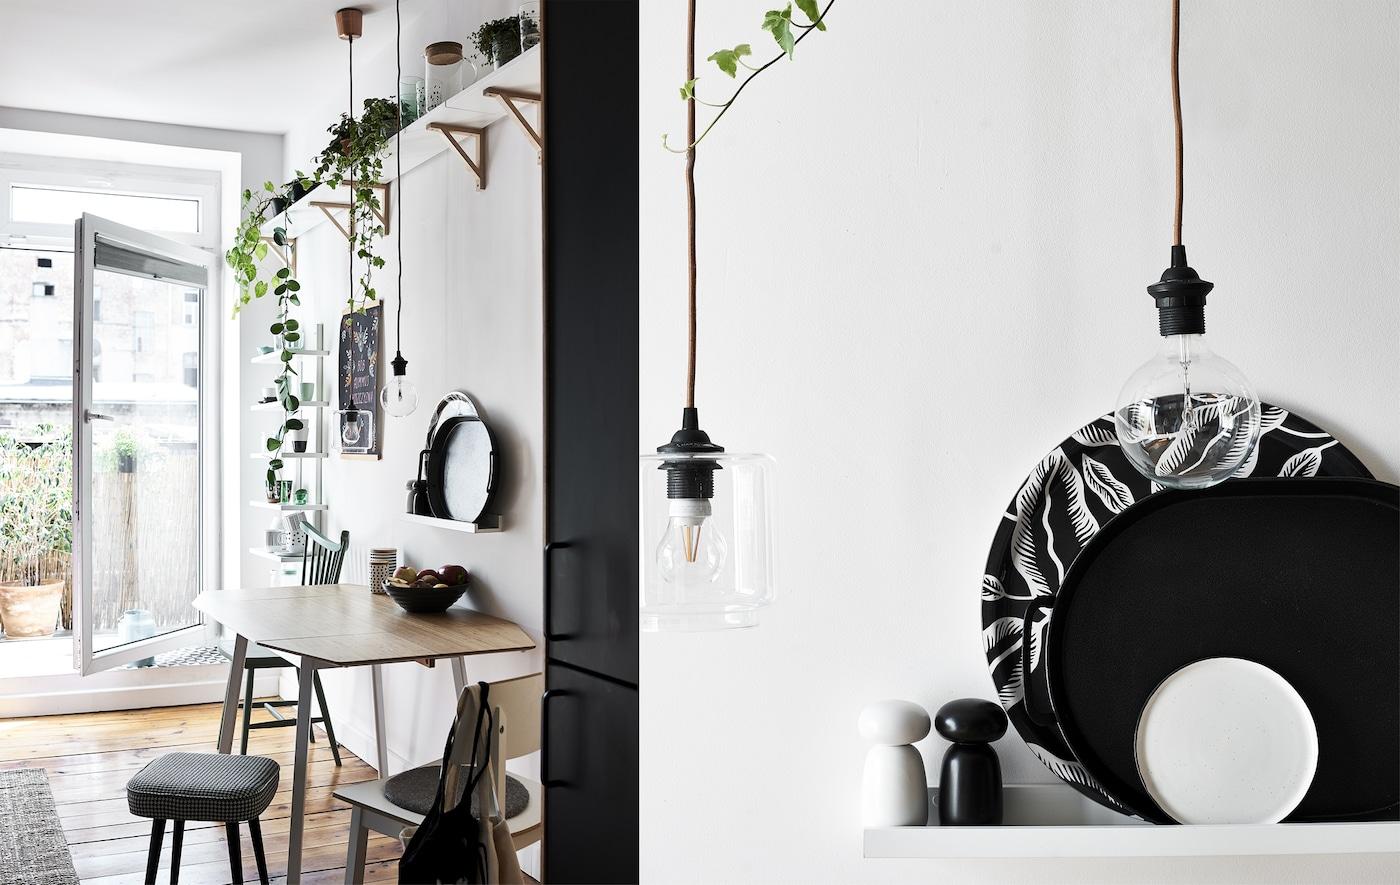 Kuhinjski stol s biljkama na polici iznad i uvećani prikaz monokromatskih pladnjeva na polici i žarulja sa žarnom niti.